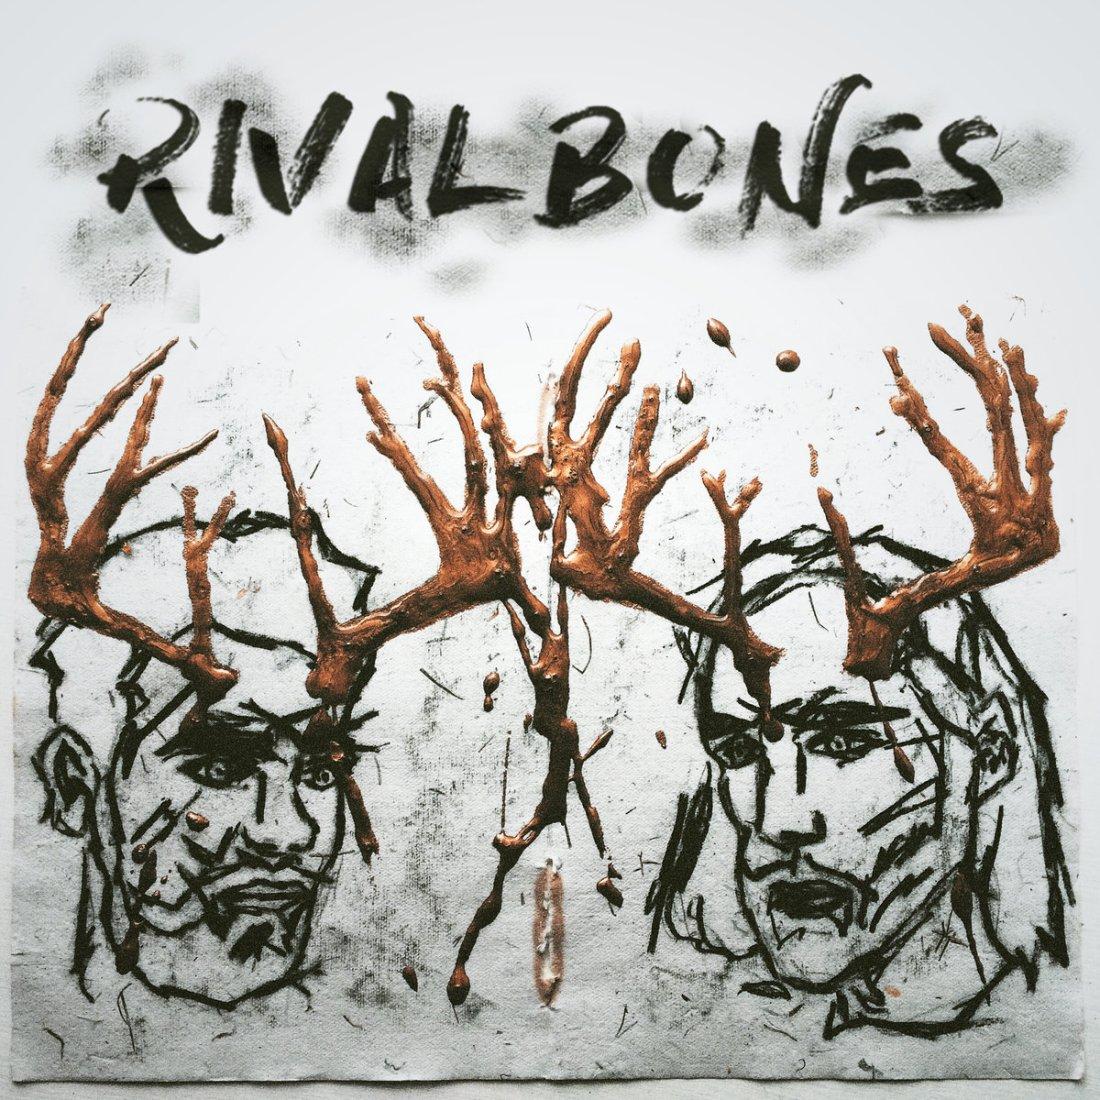 Rival Bones EP Artwork